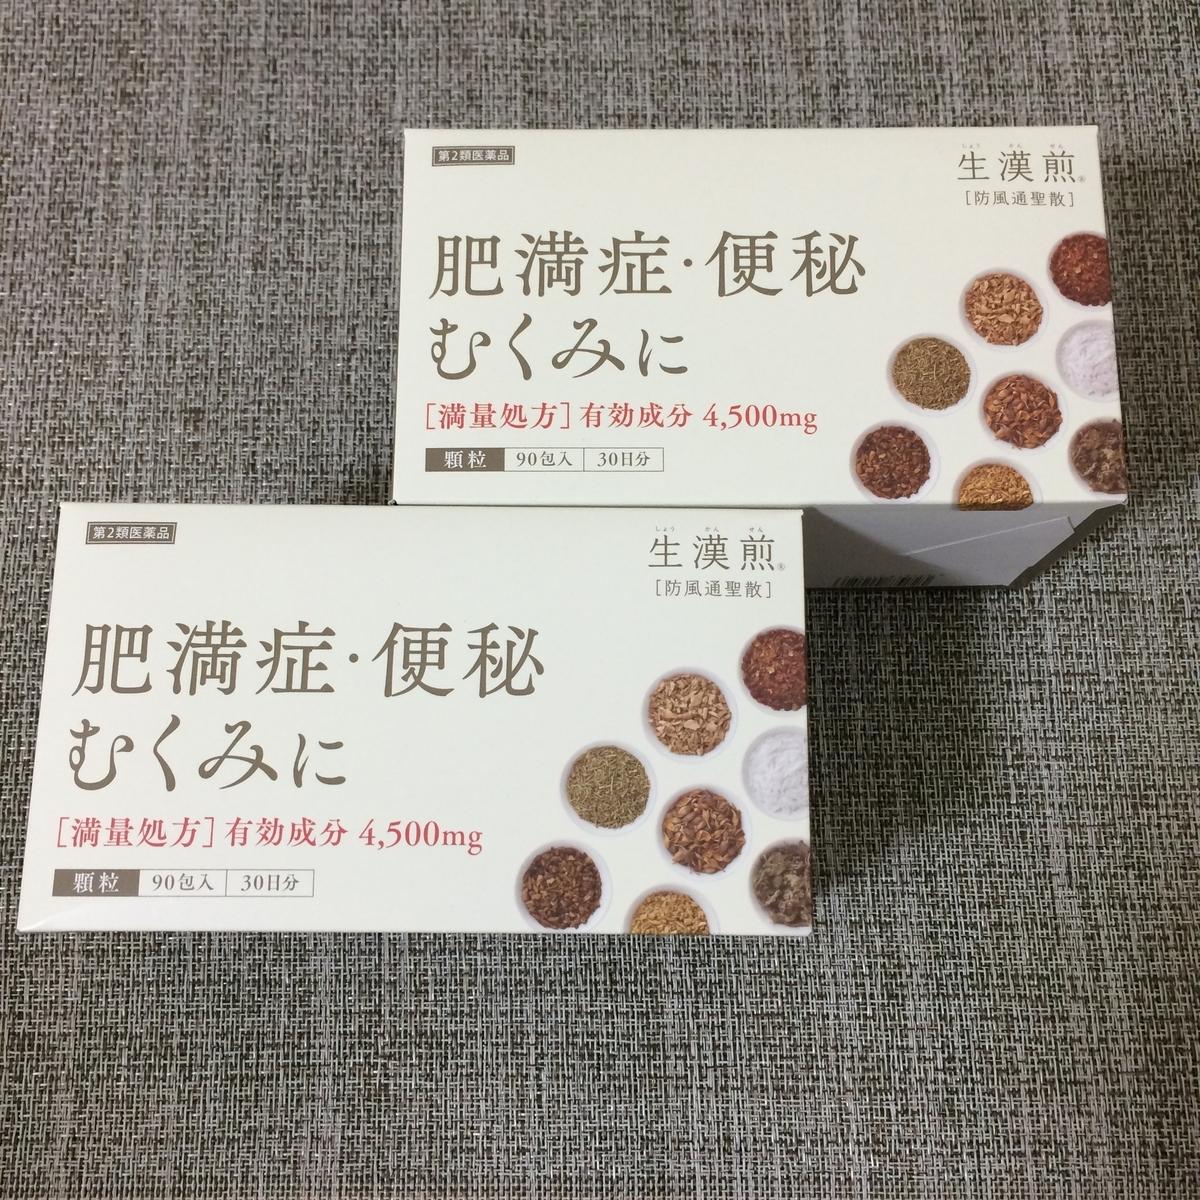 f:id:misumi-tomo:20190718150029j:plain